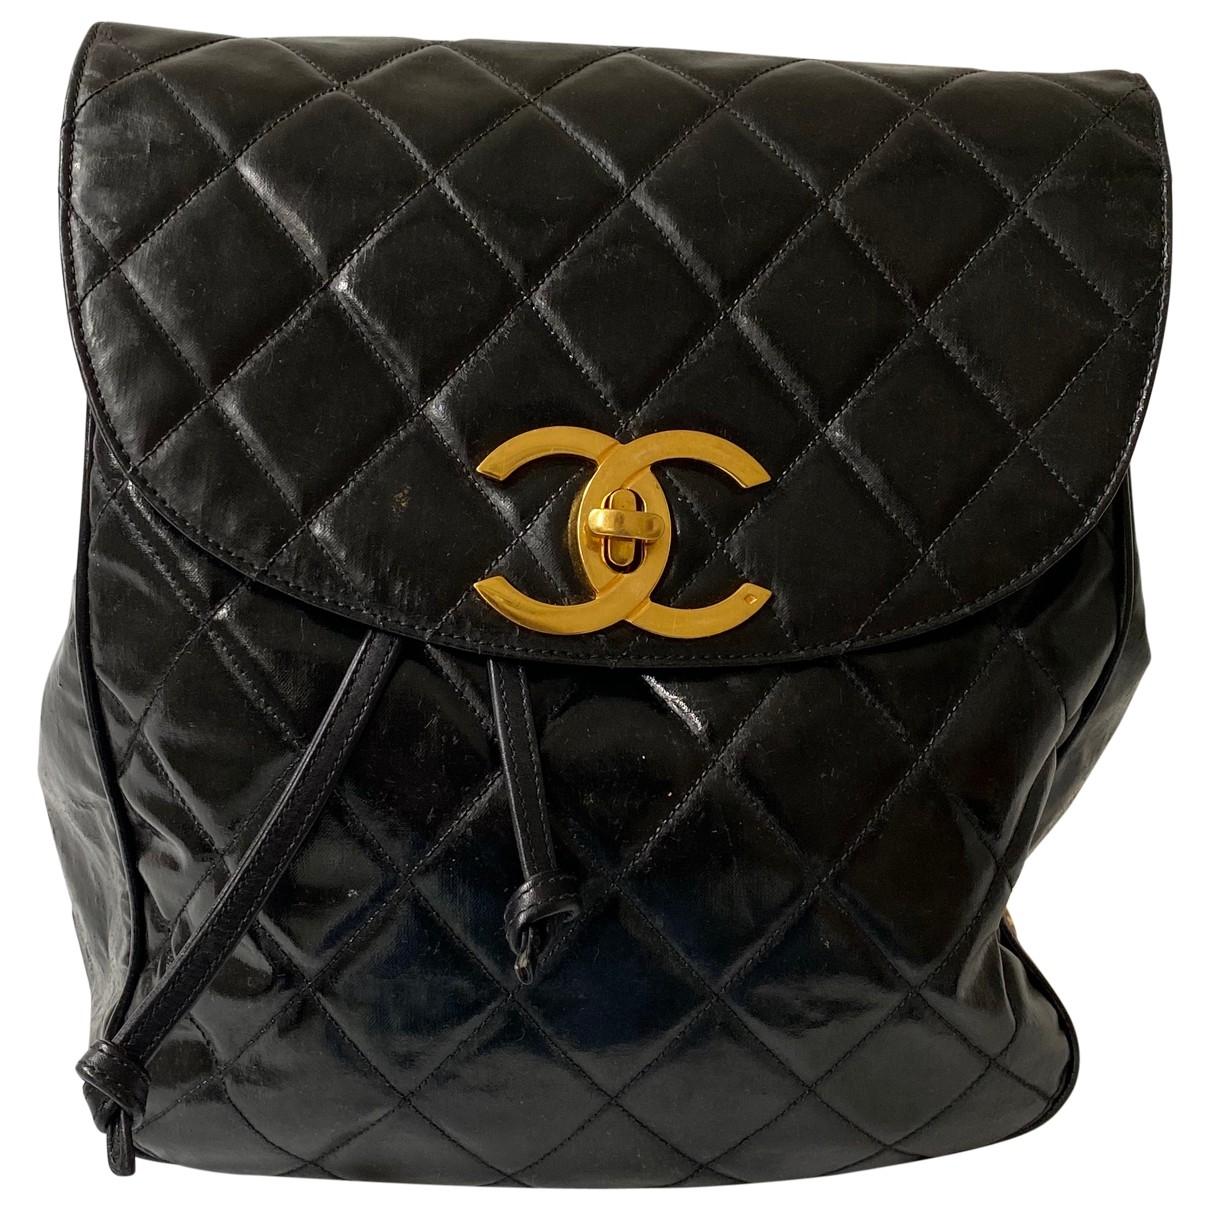 Chanel - Sac a dos   pour femme en cuir verni - noir